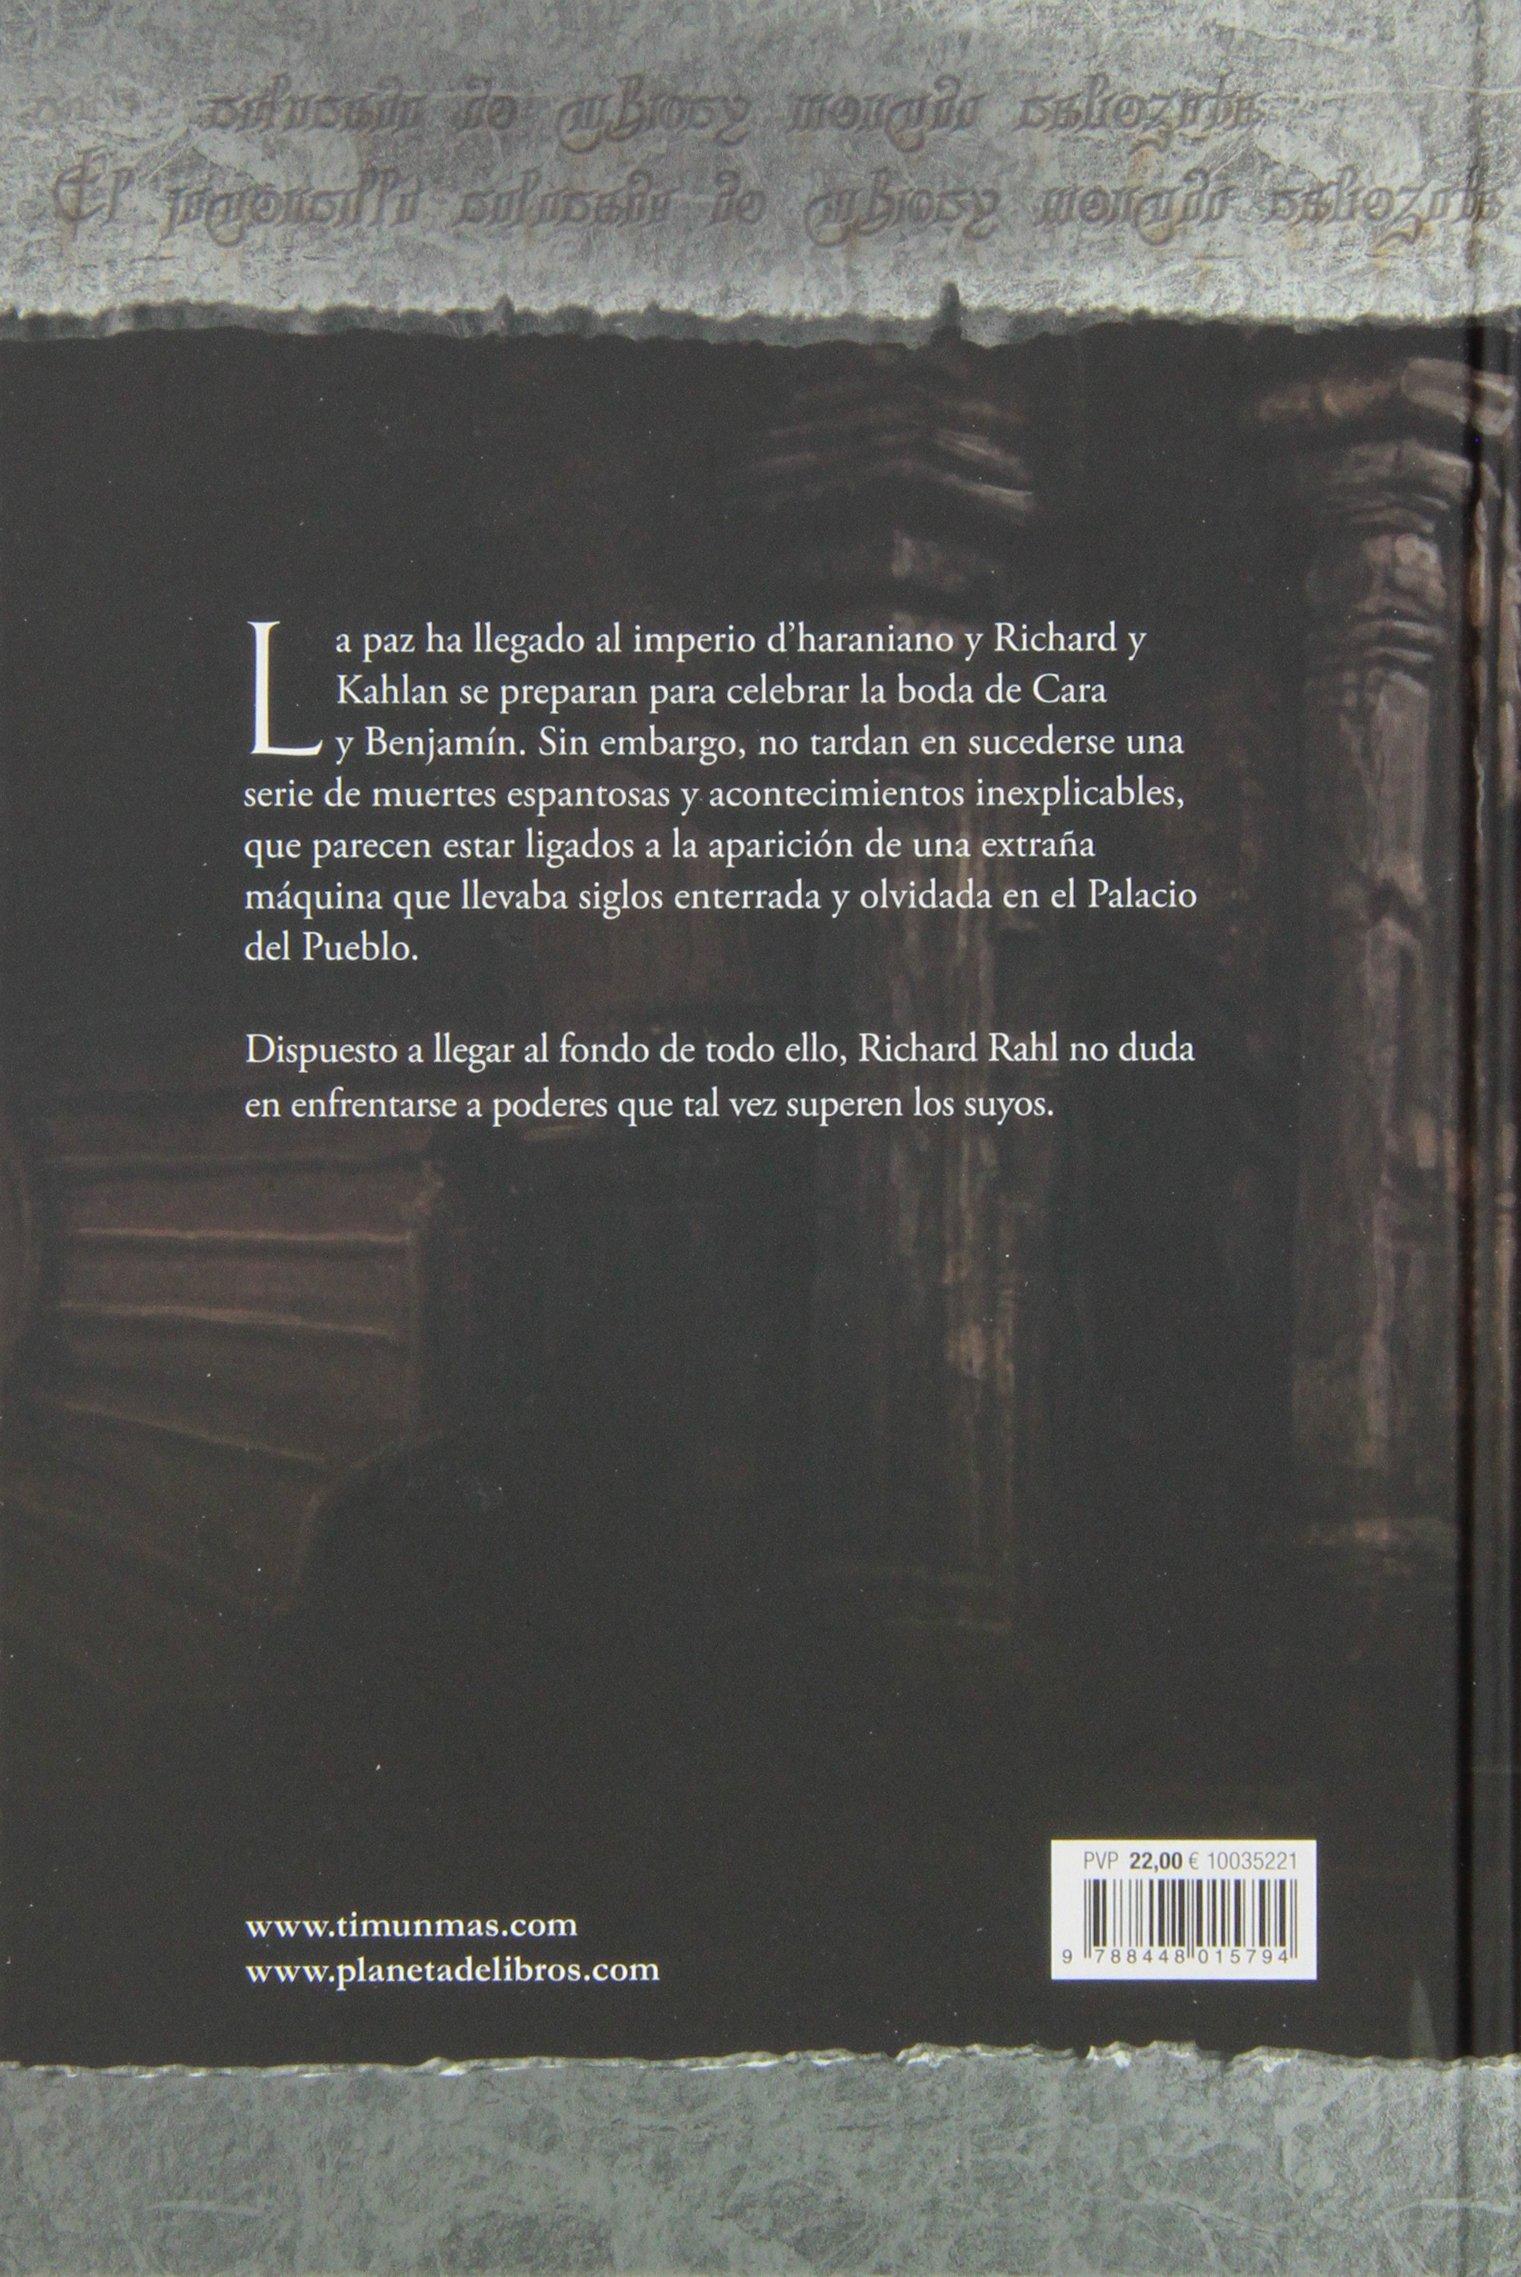 La máquina de los presagios: Volumen 23 Fantasía Épica: Amazon.es: Terry Goodkind, Gemma Gallart Álvarez: Libros